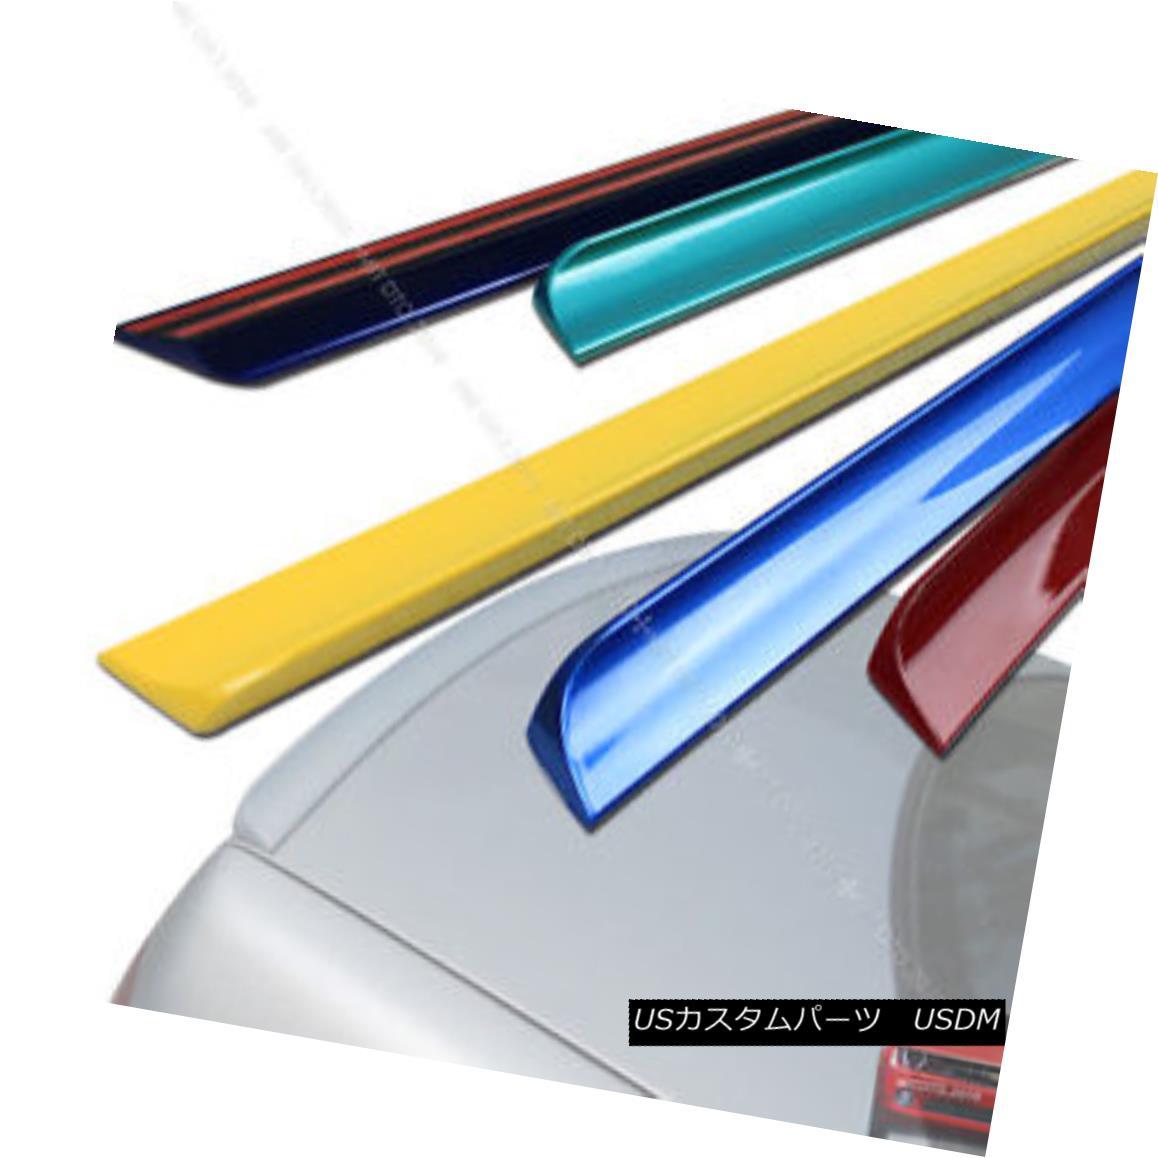 エアロパーツ 98-05 Painted For Lexus IS200 IS300 Rear Trunk Lip Spoiler Wing 202 Black 98-05レクサス用IS200 IS300リアトランクリップスポイラーウイング202ブラック